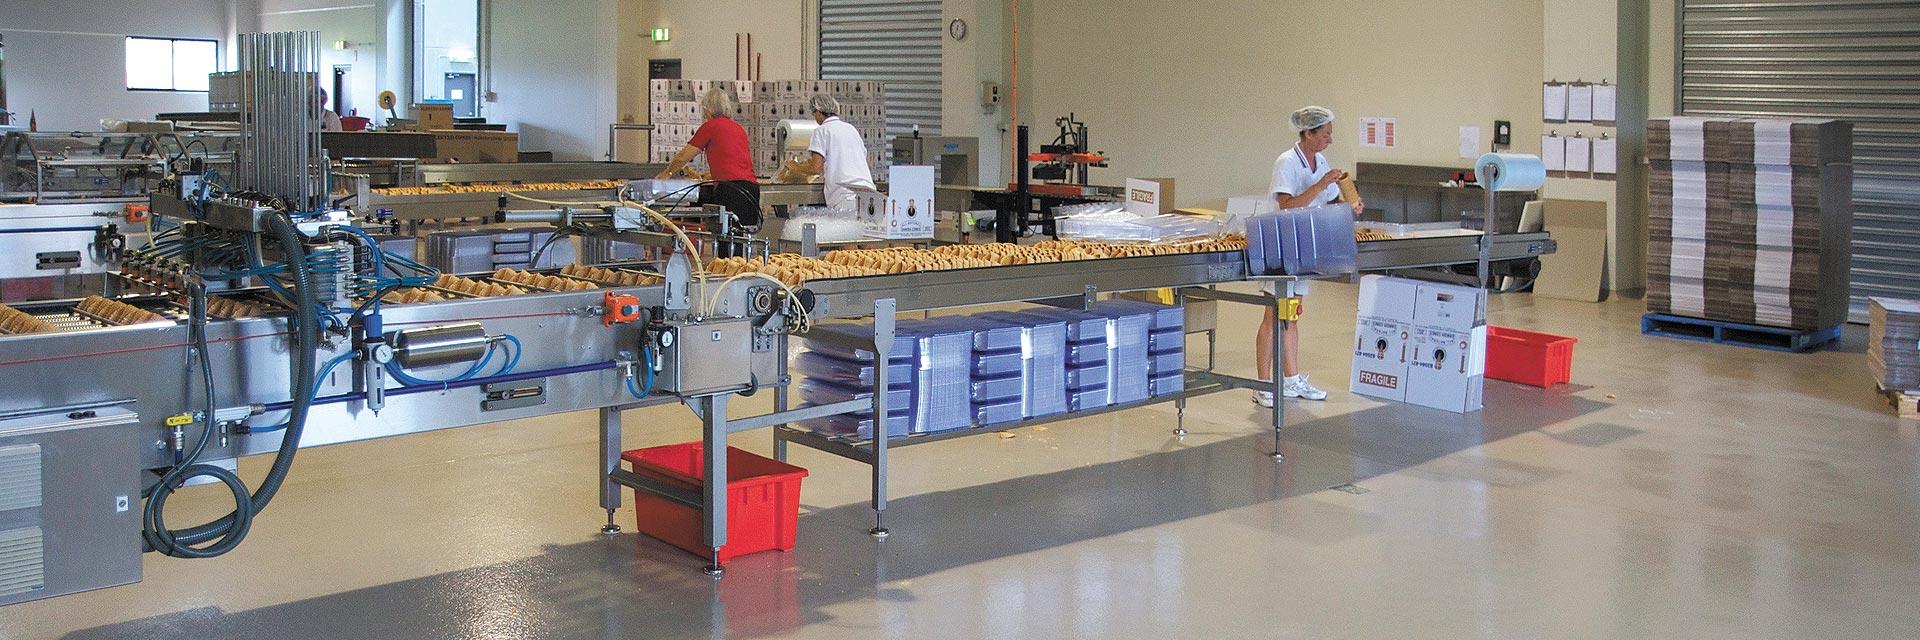 Scandinavian Cone Bakery Flooring